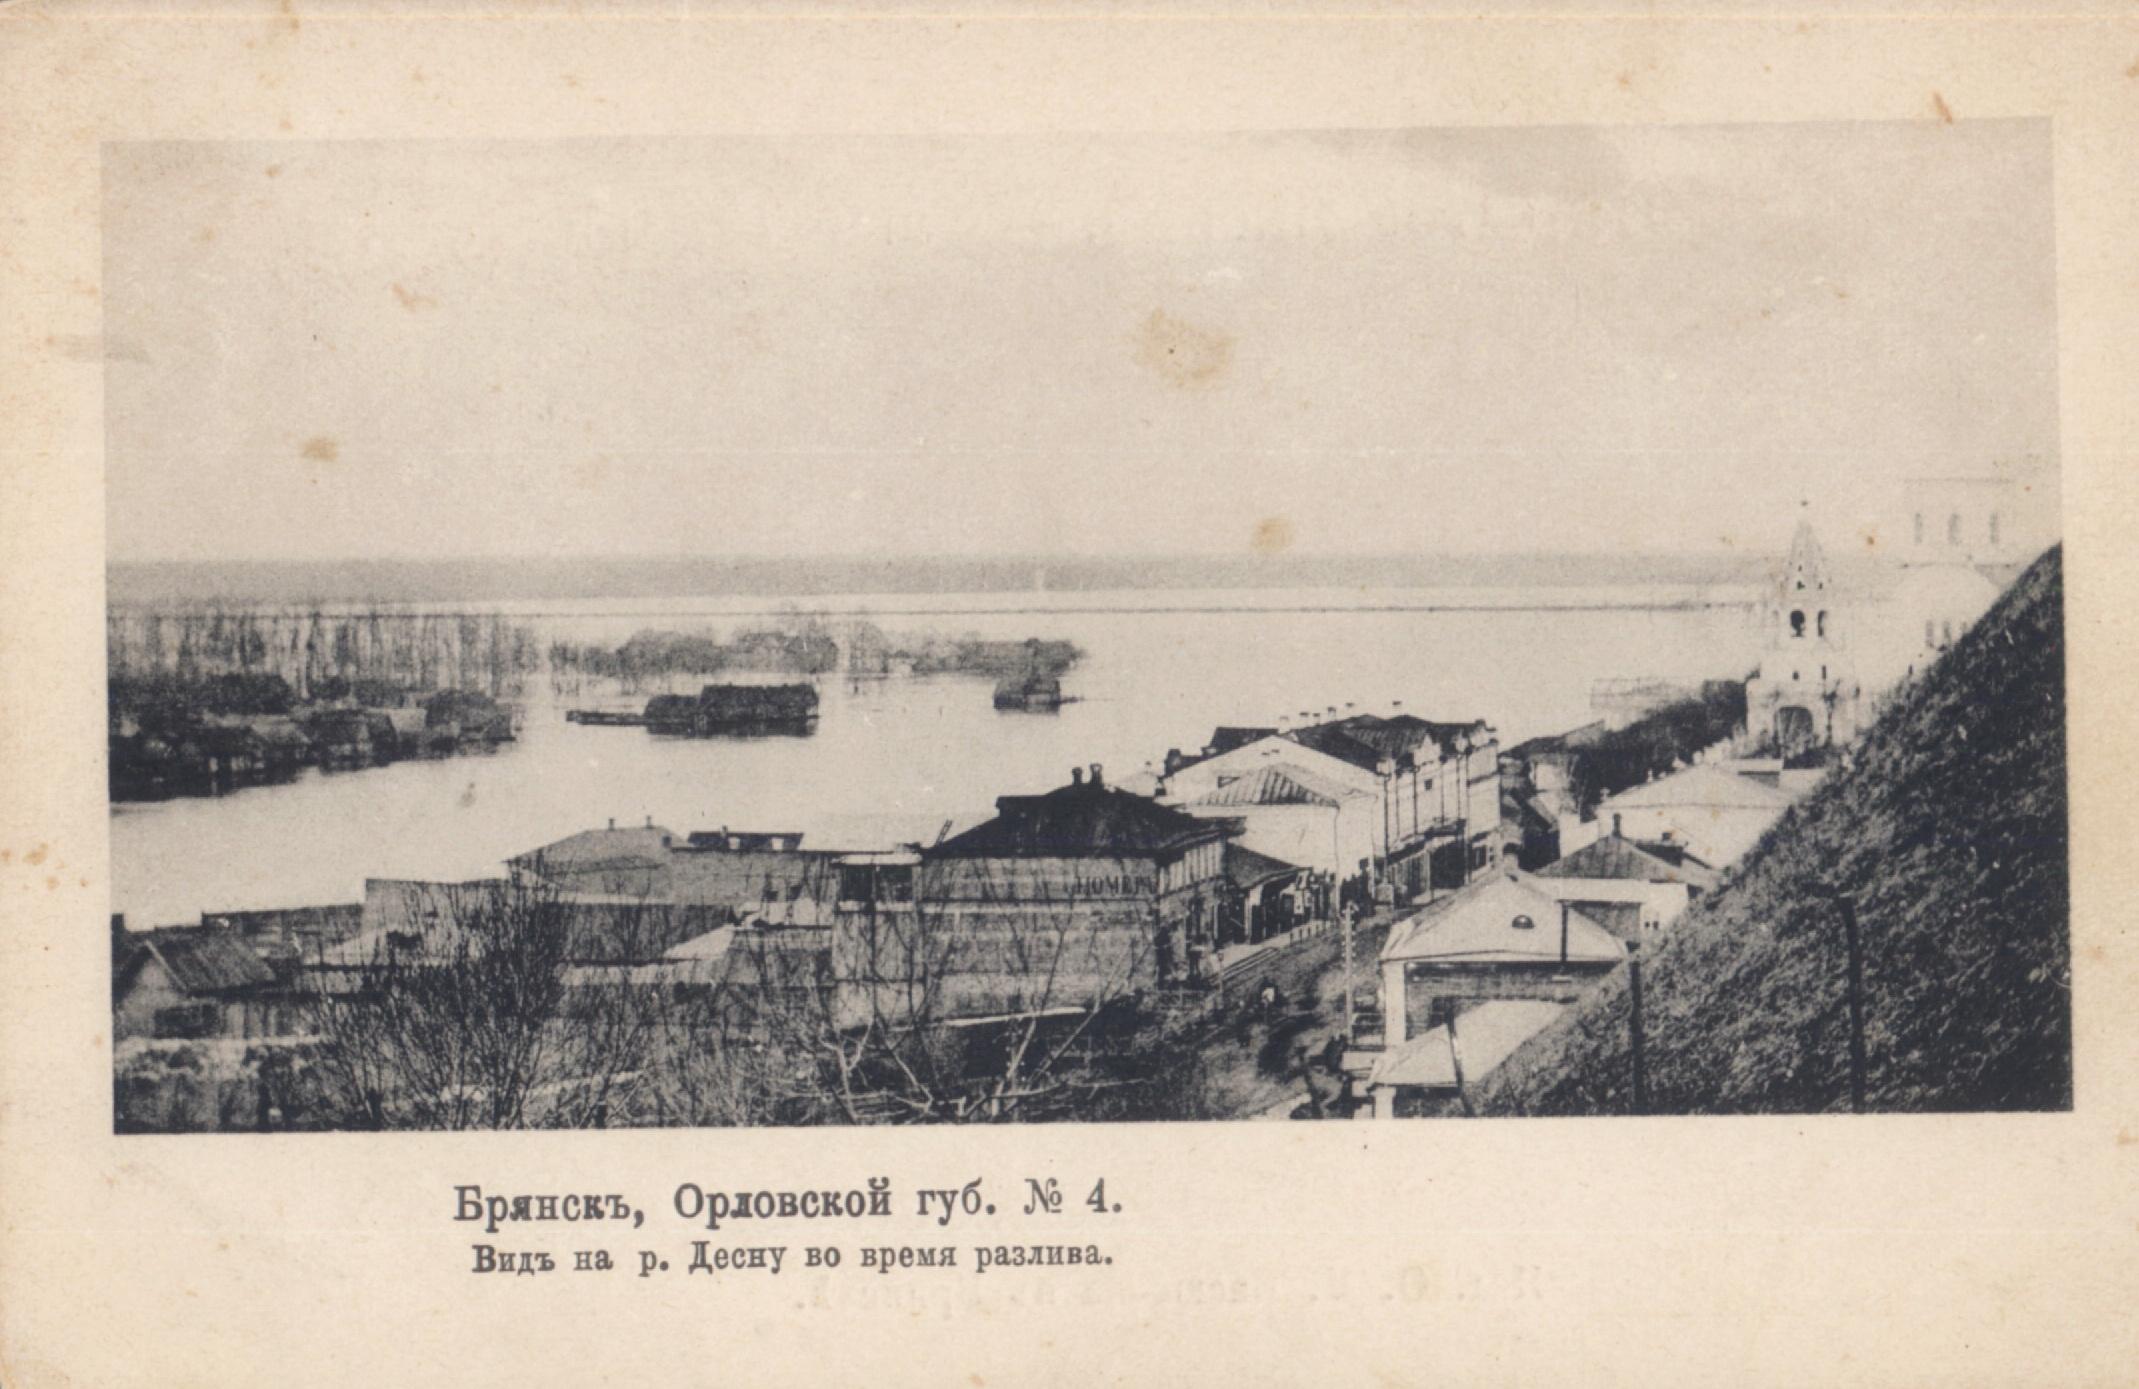 Река Десна во время разлива 11 апреля 1908 года